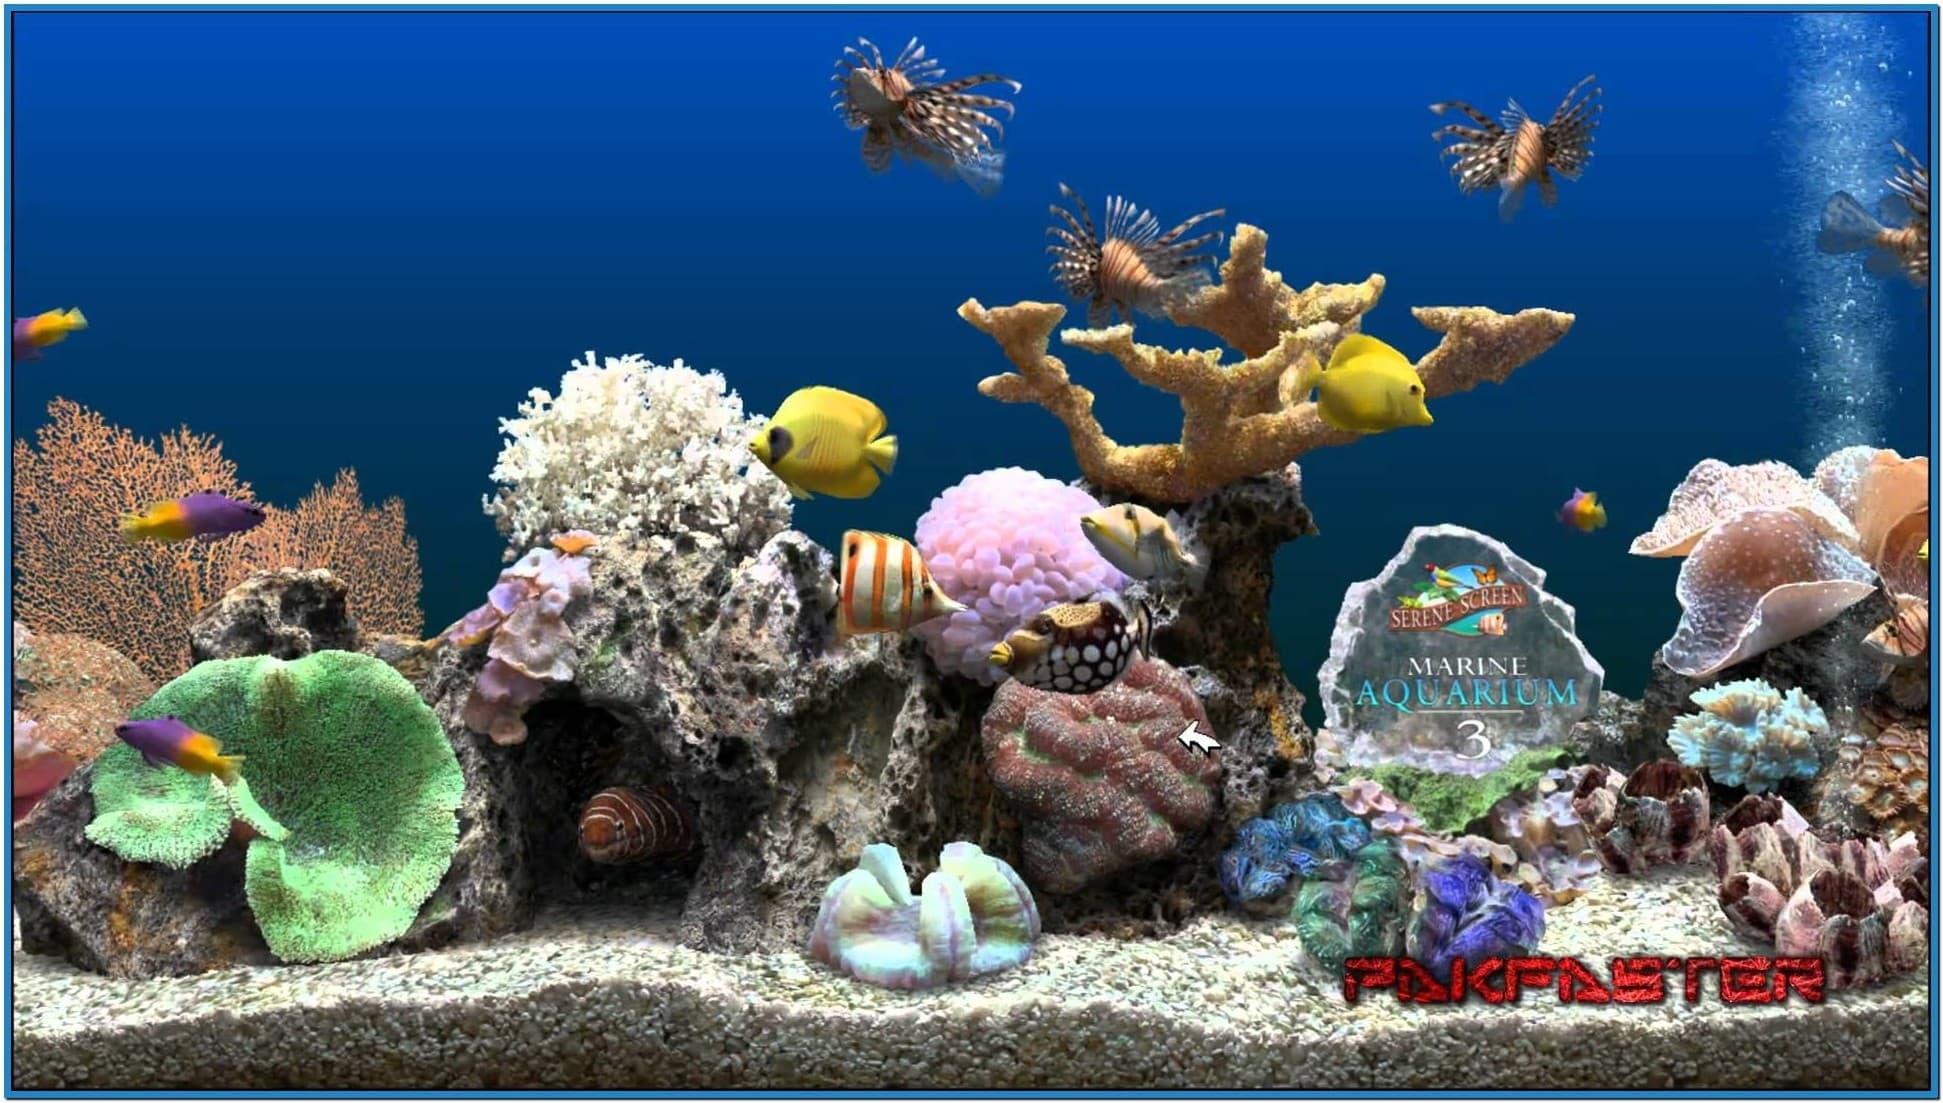 Screensaver marine aquarium deluxe 32 1943x1103